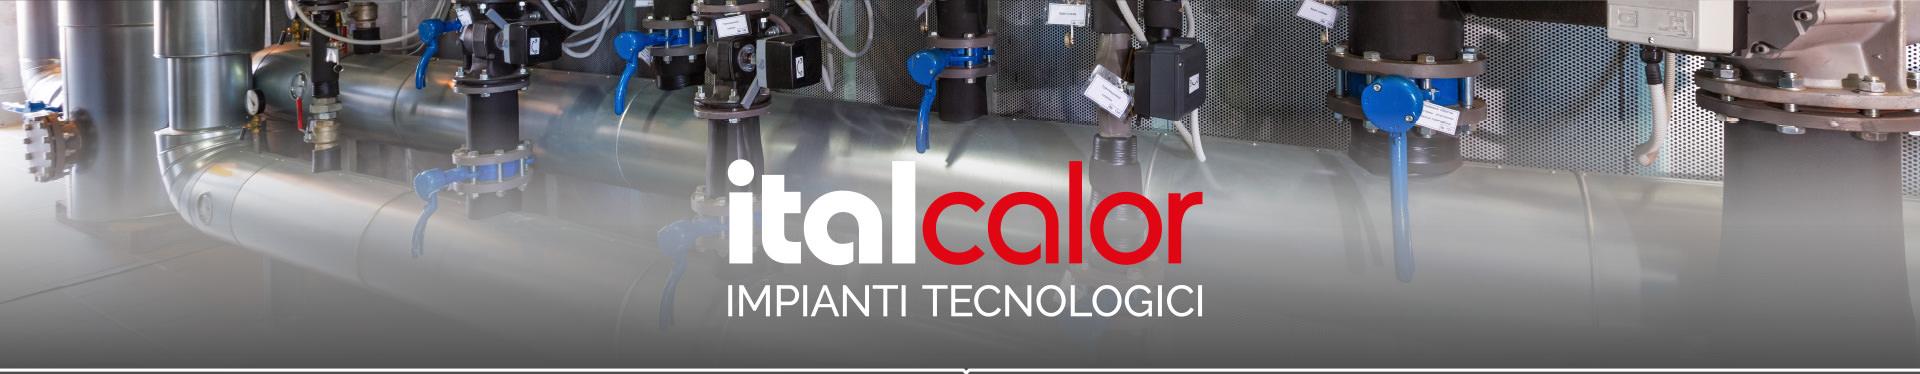 f2168-Italcalor-web-site-IC-sotto-02